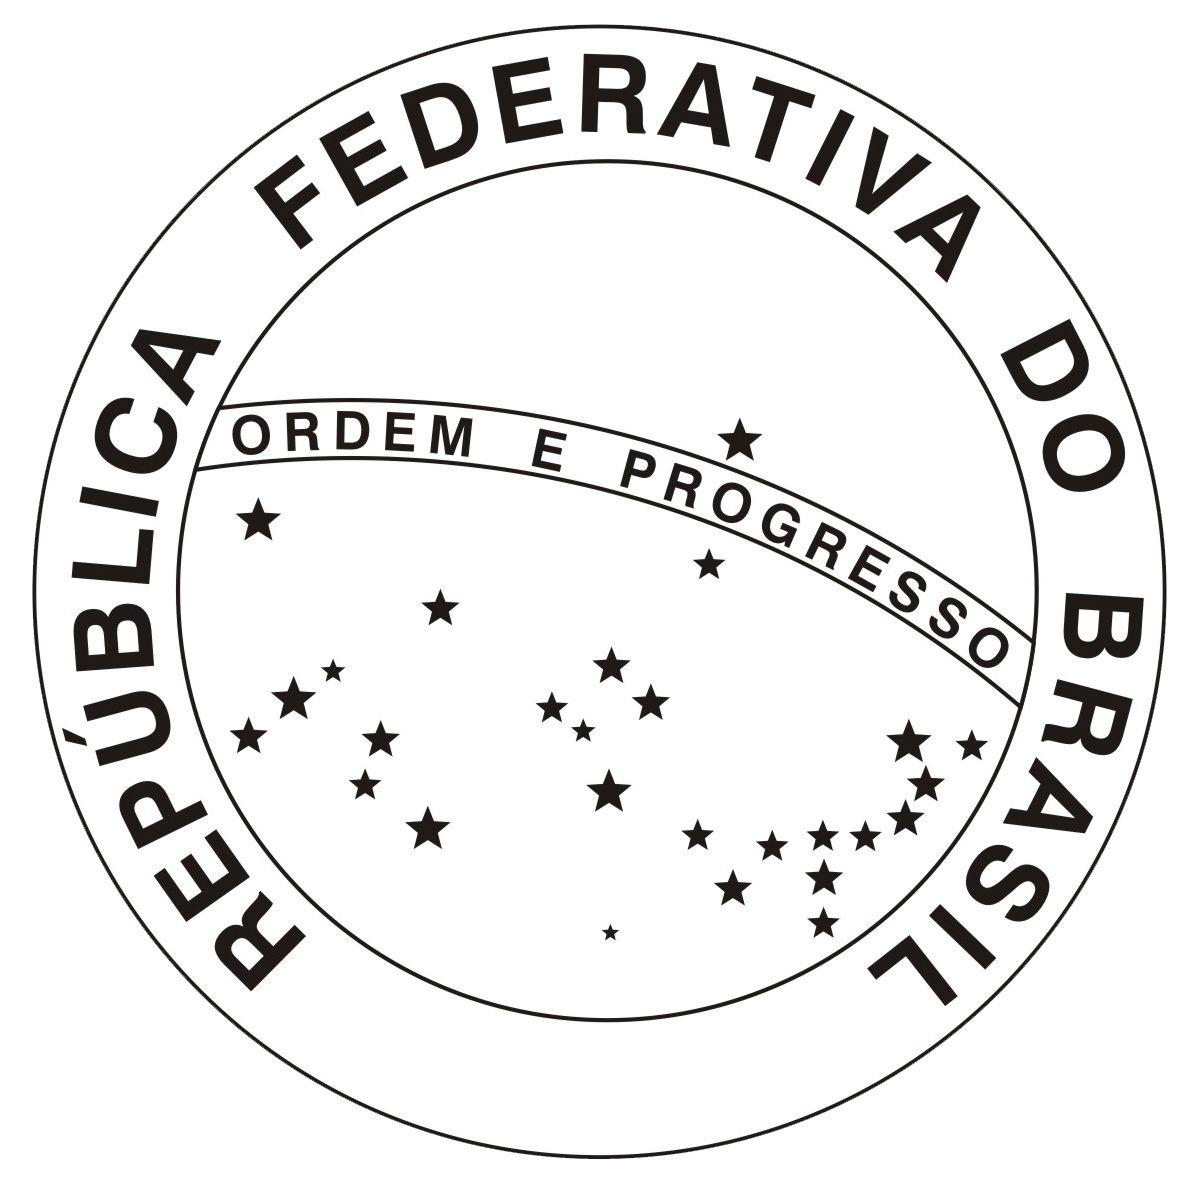 Simbolos Nacionais Vestibular Colegio Web Com Imagens